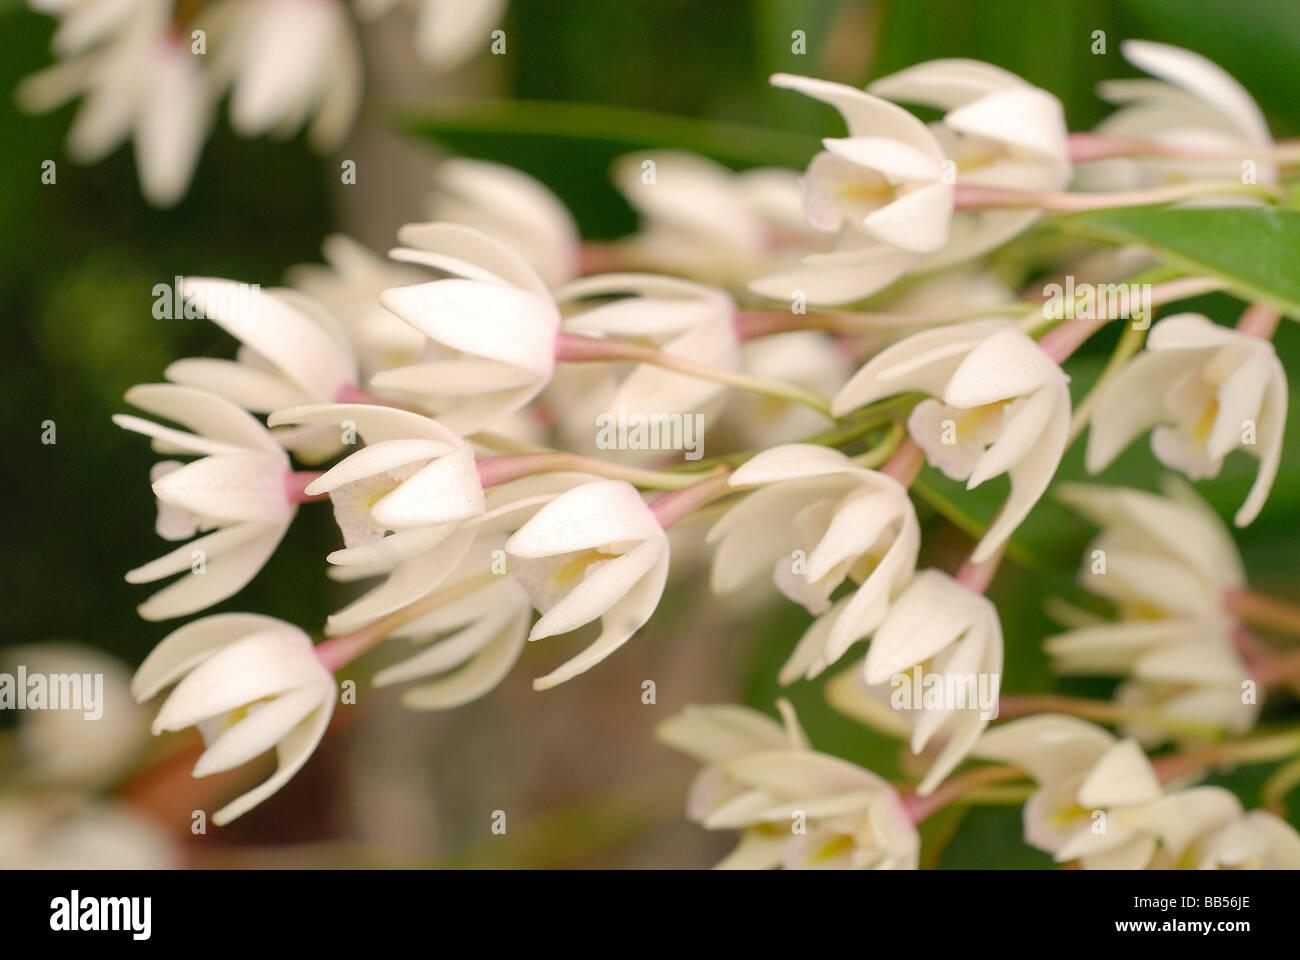 Cephalanthera longifolia Orchidaceae - Stock Image